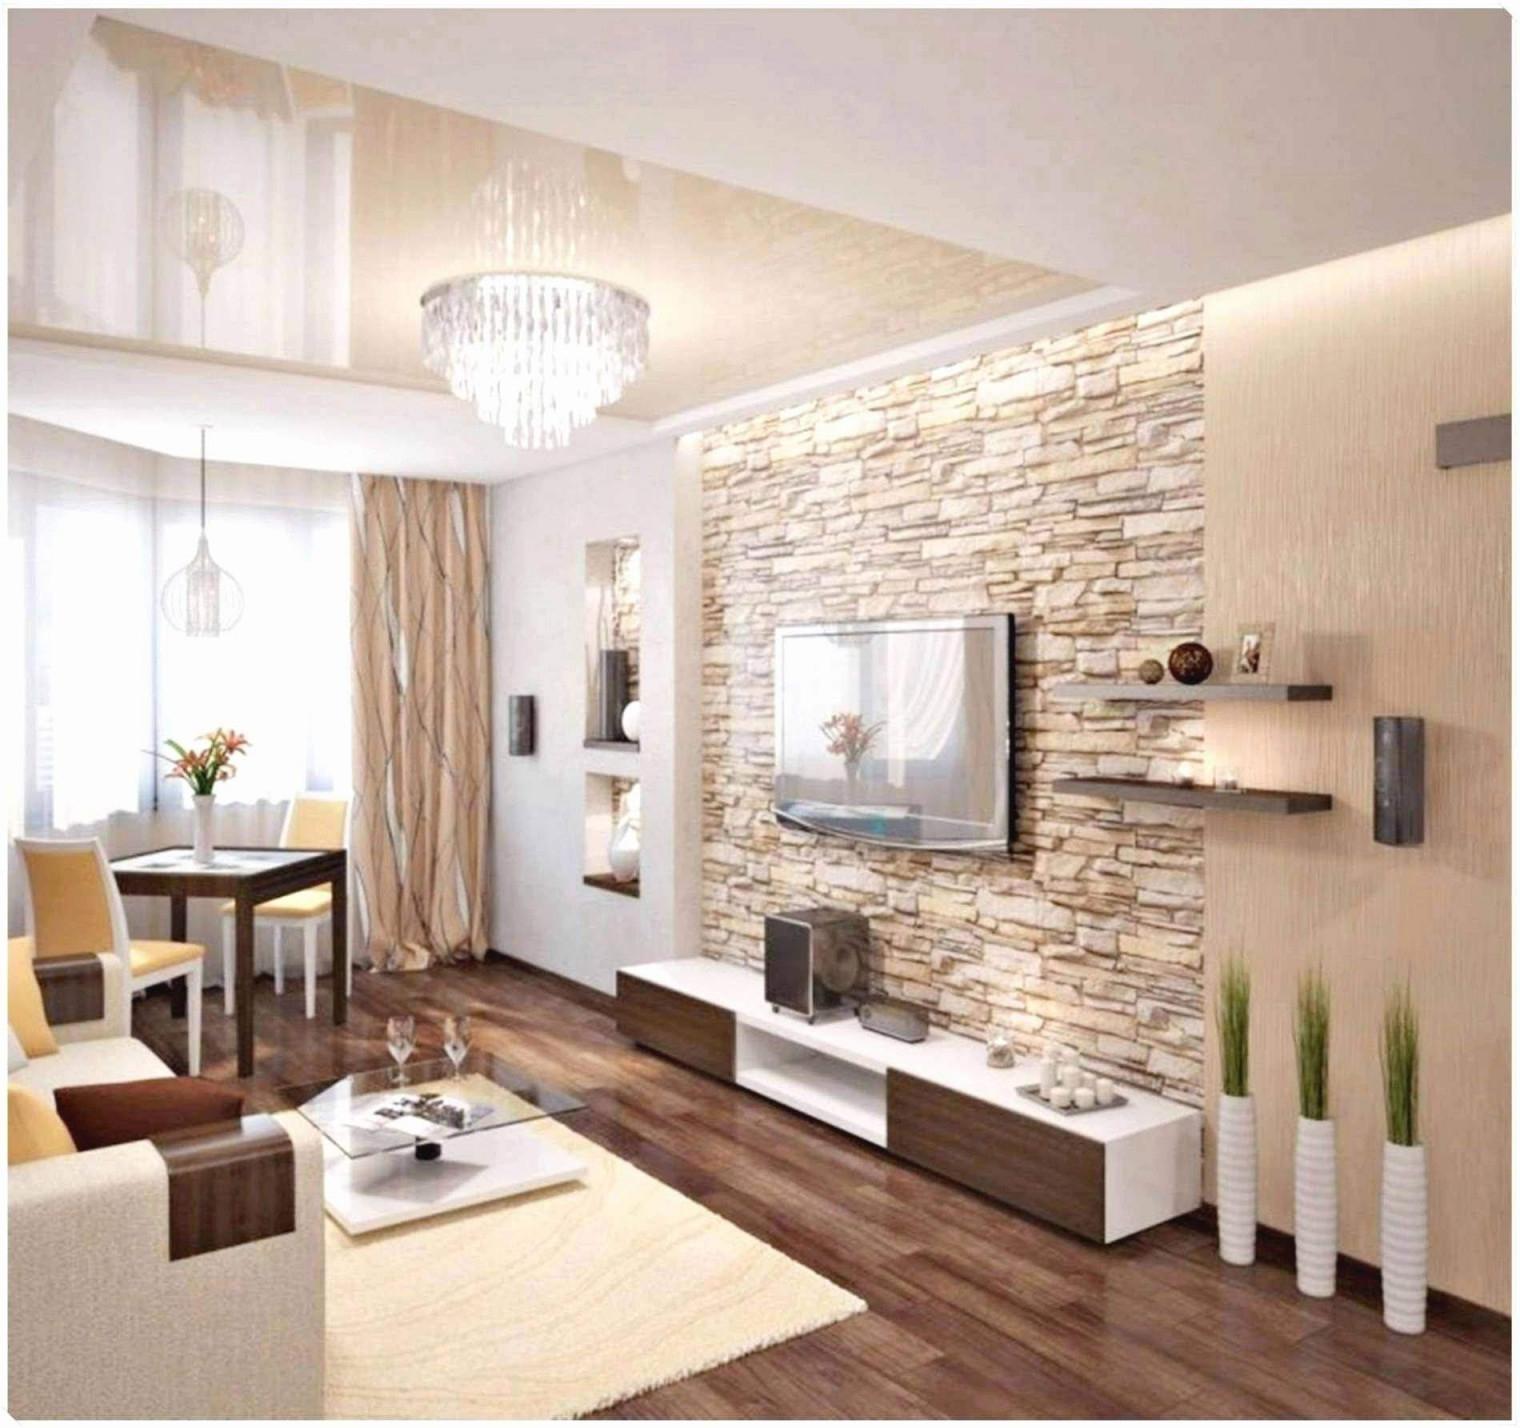 40 Frisch Wohnzimmer Dachgeschoss Einzigartig  Wohnzimmer von Wohnzimmer Dachgeschoss Gestalten Bild